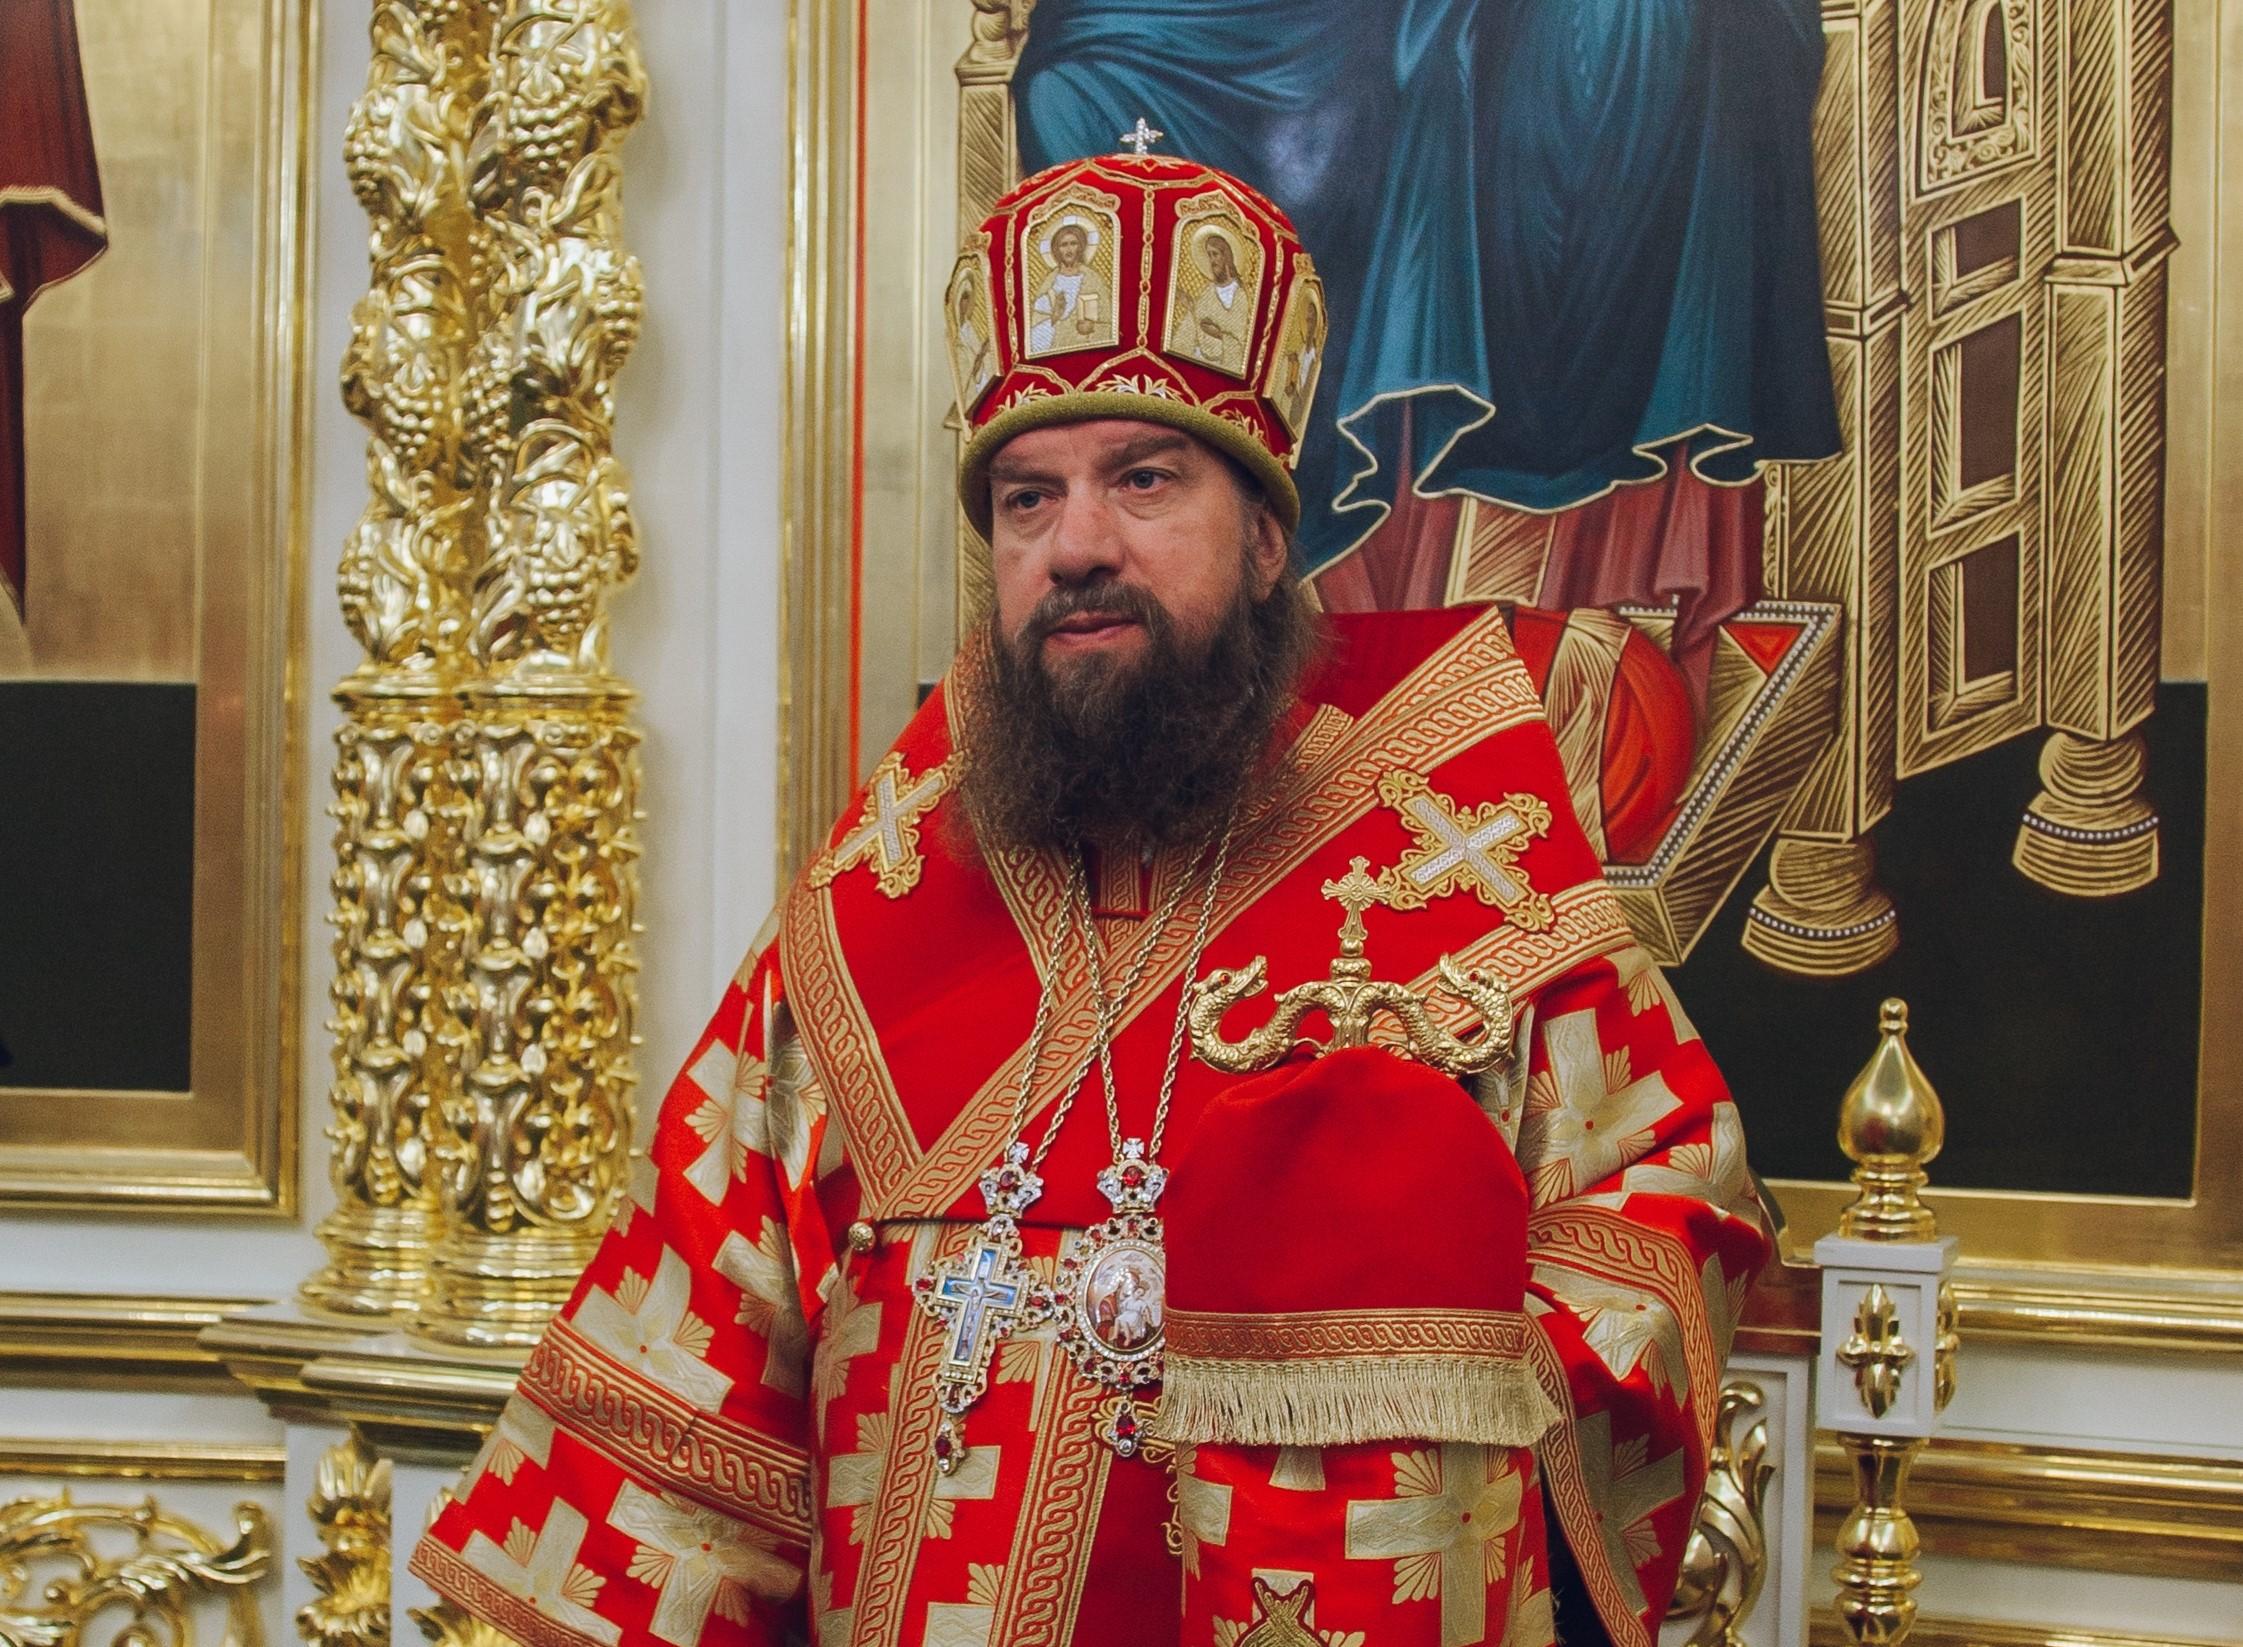 Пасхальное послание  Митрополита Астраханского и Камызякского Никона пастырям, инокам и всем верным чадам Астраханской епархии